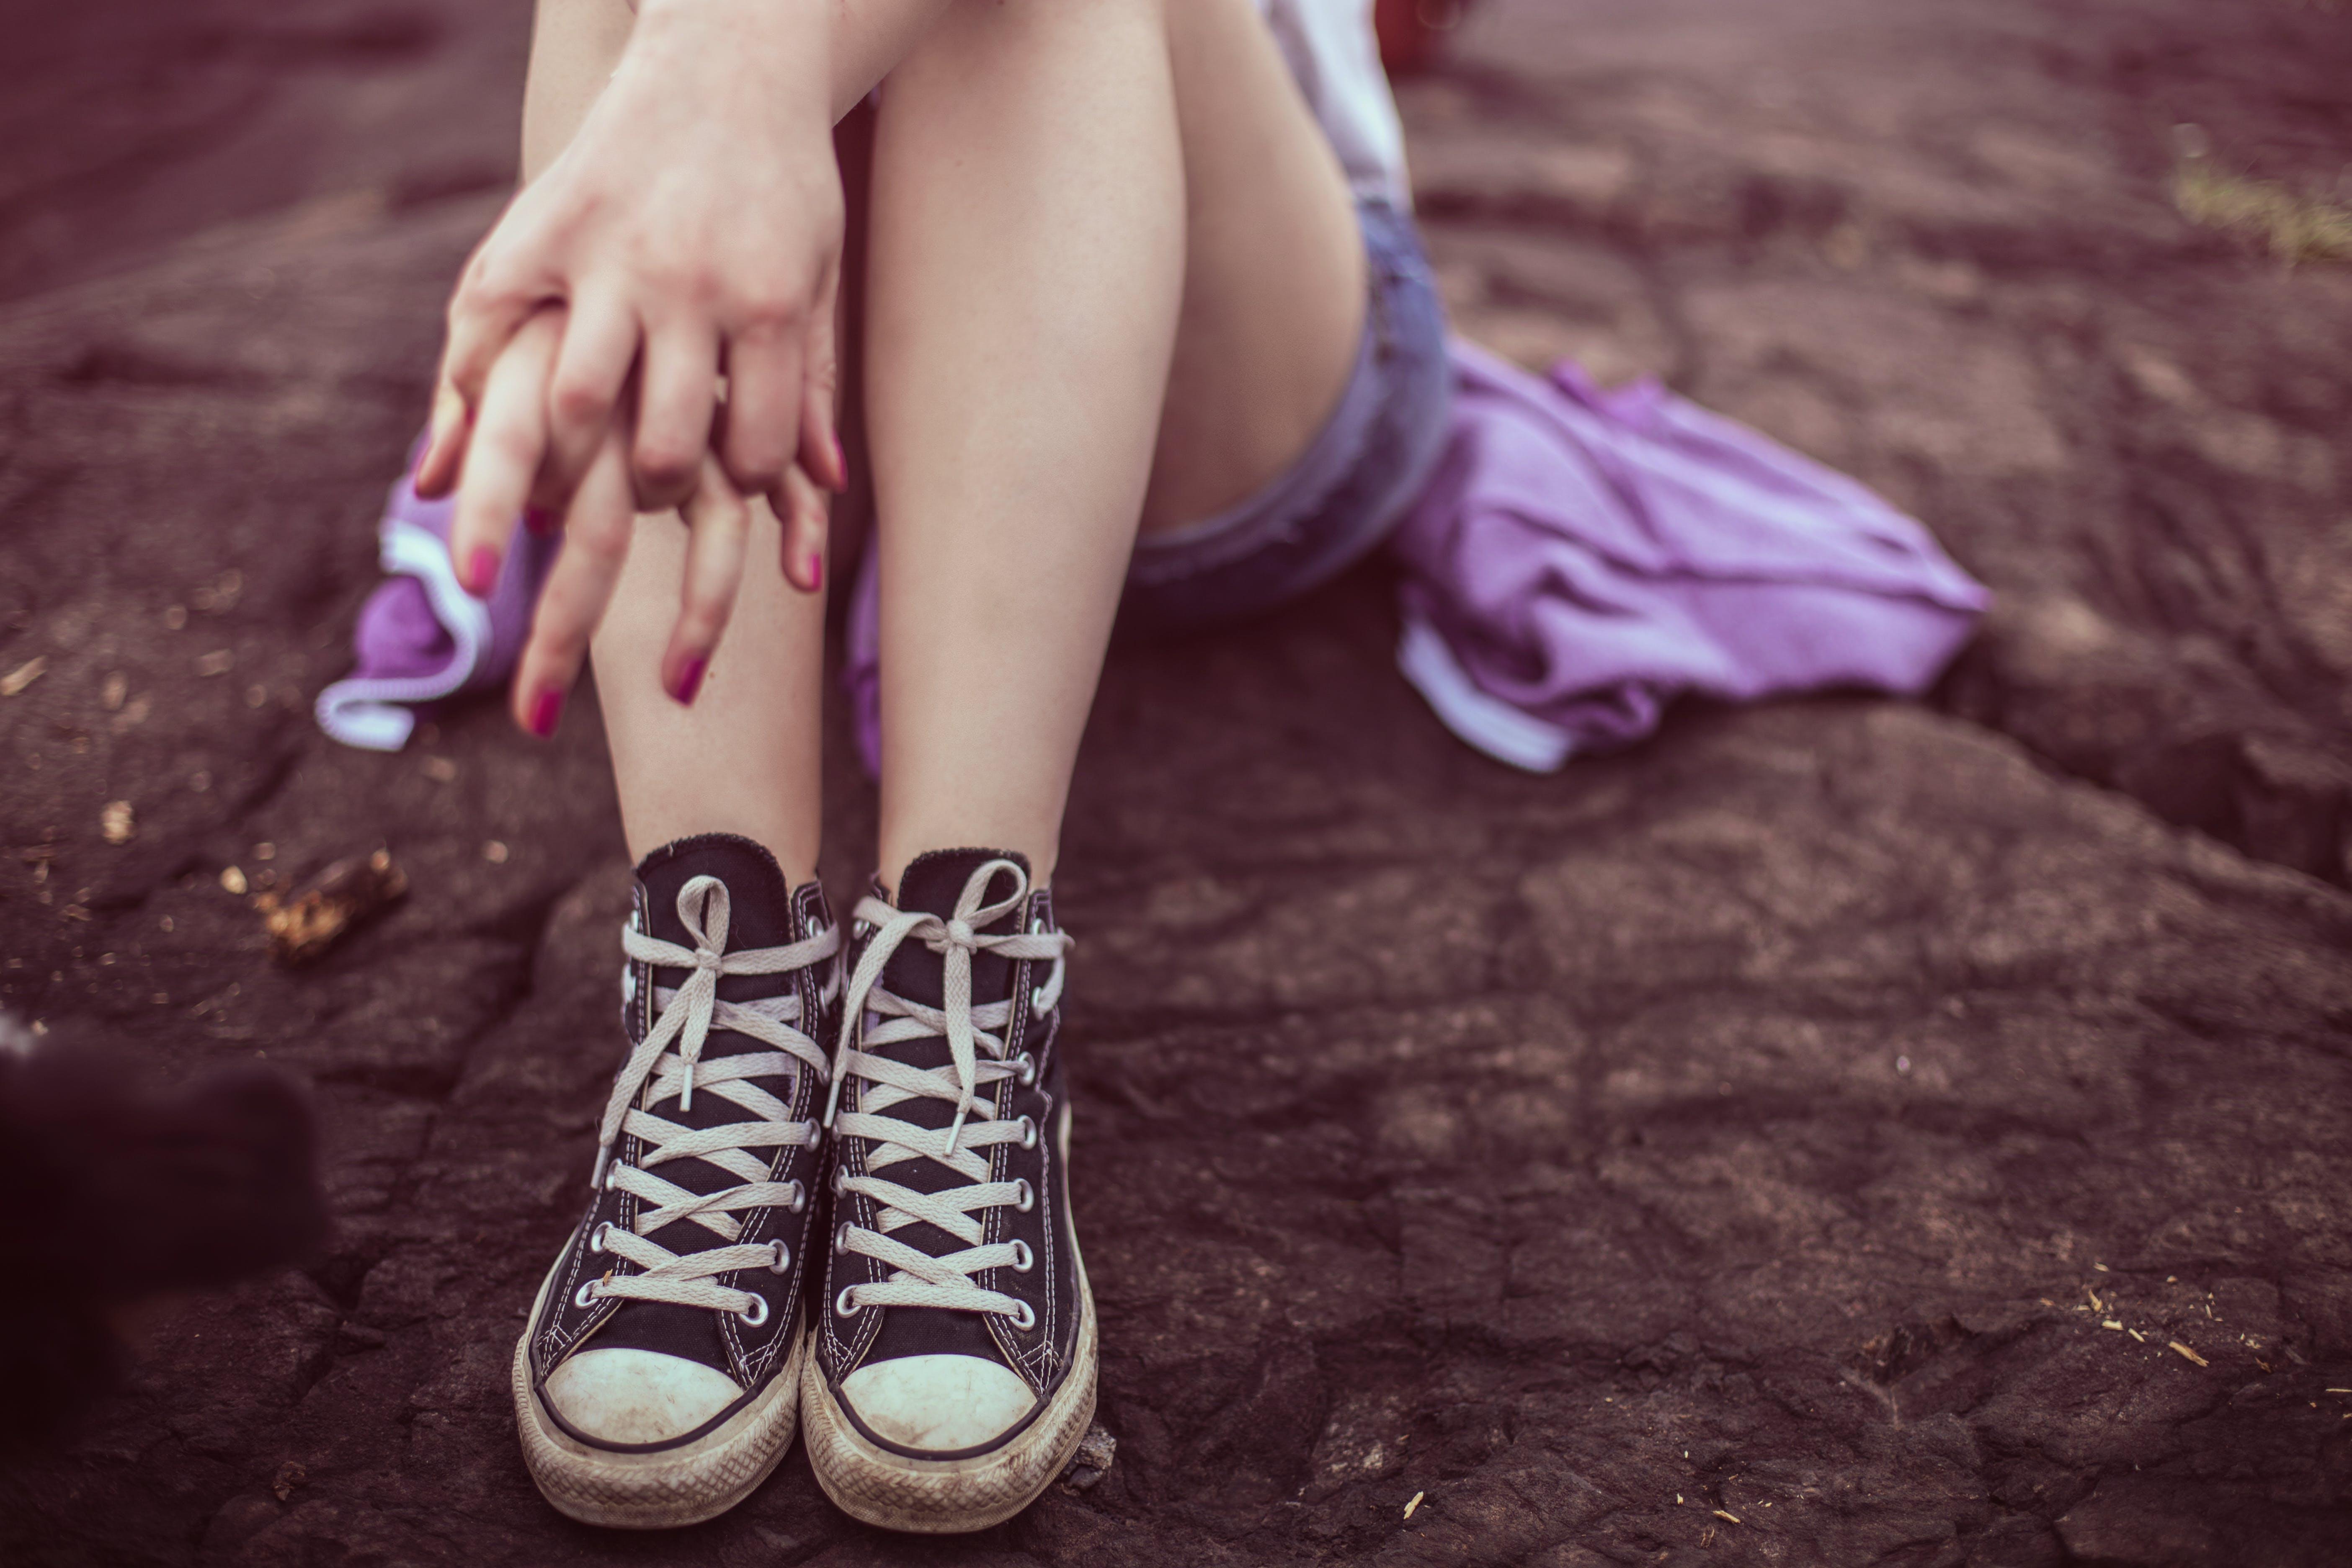 Woman Wearing Pair of Black Sneakers